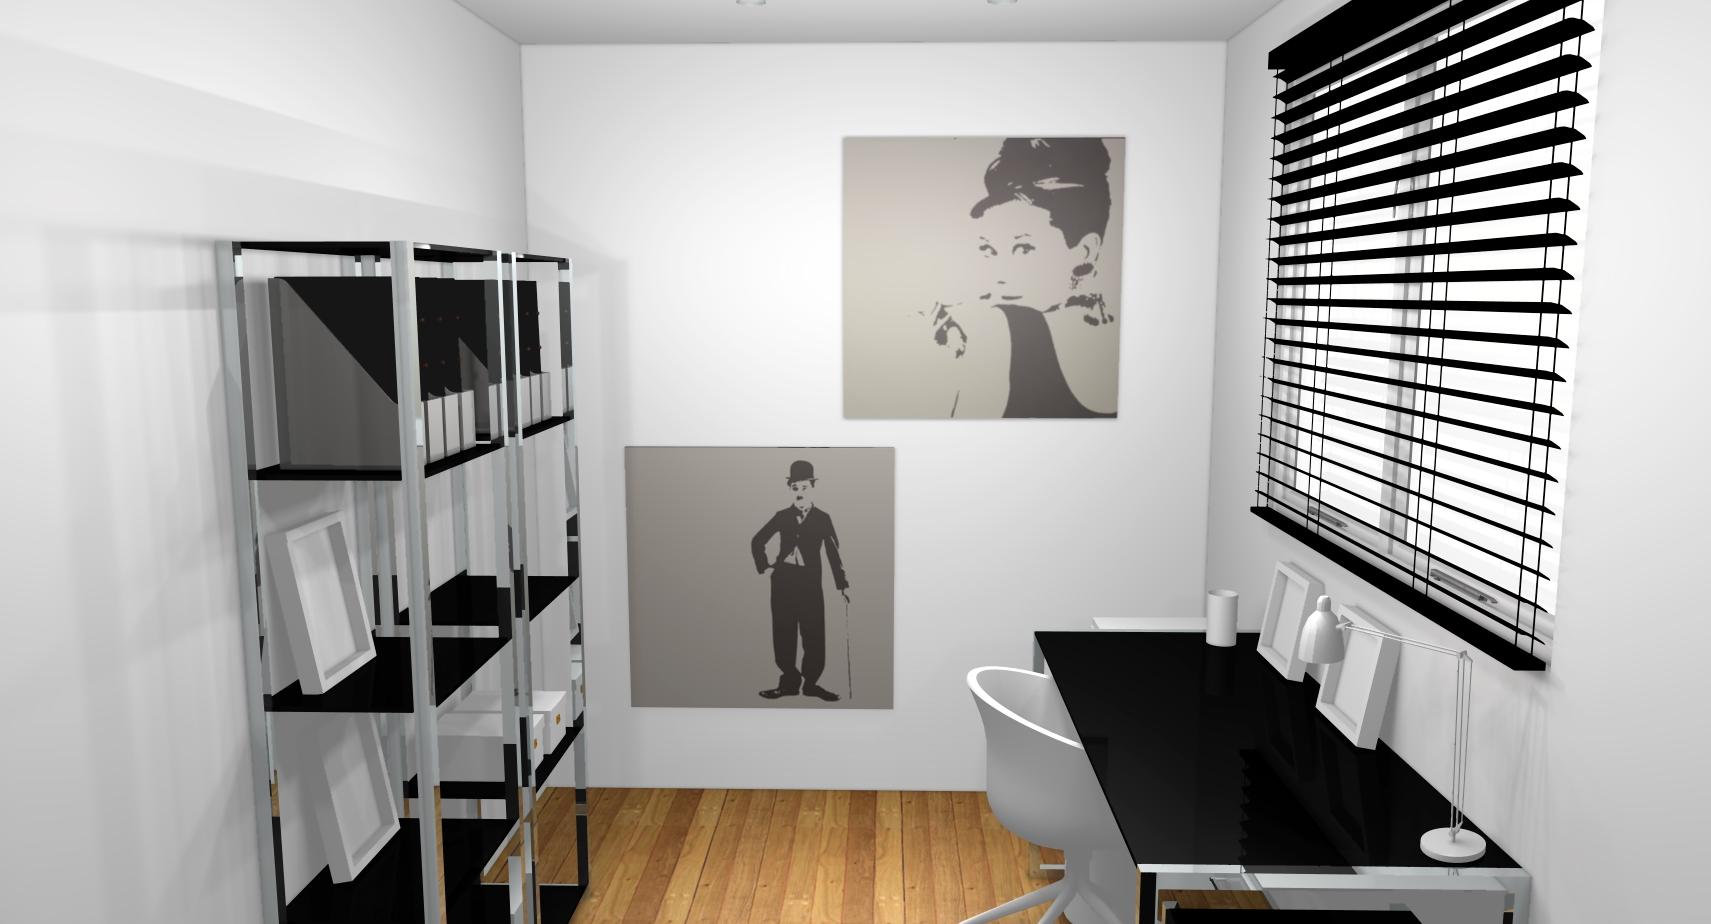 D coration bureau noir blanc for Bureau noir et blanc